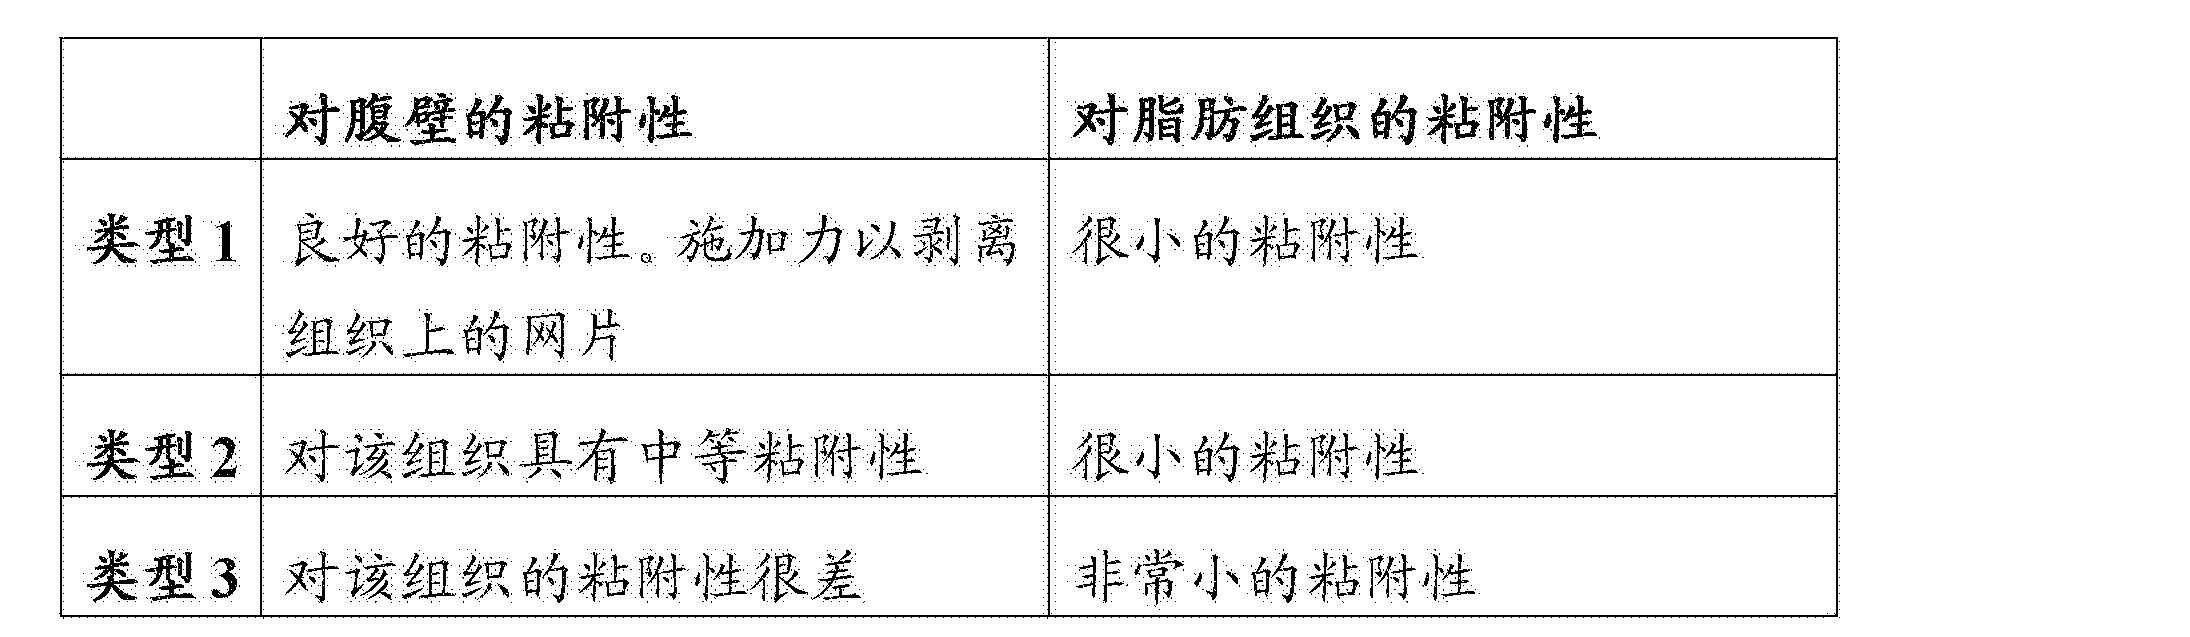 Figure CN103118713BD00471